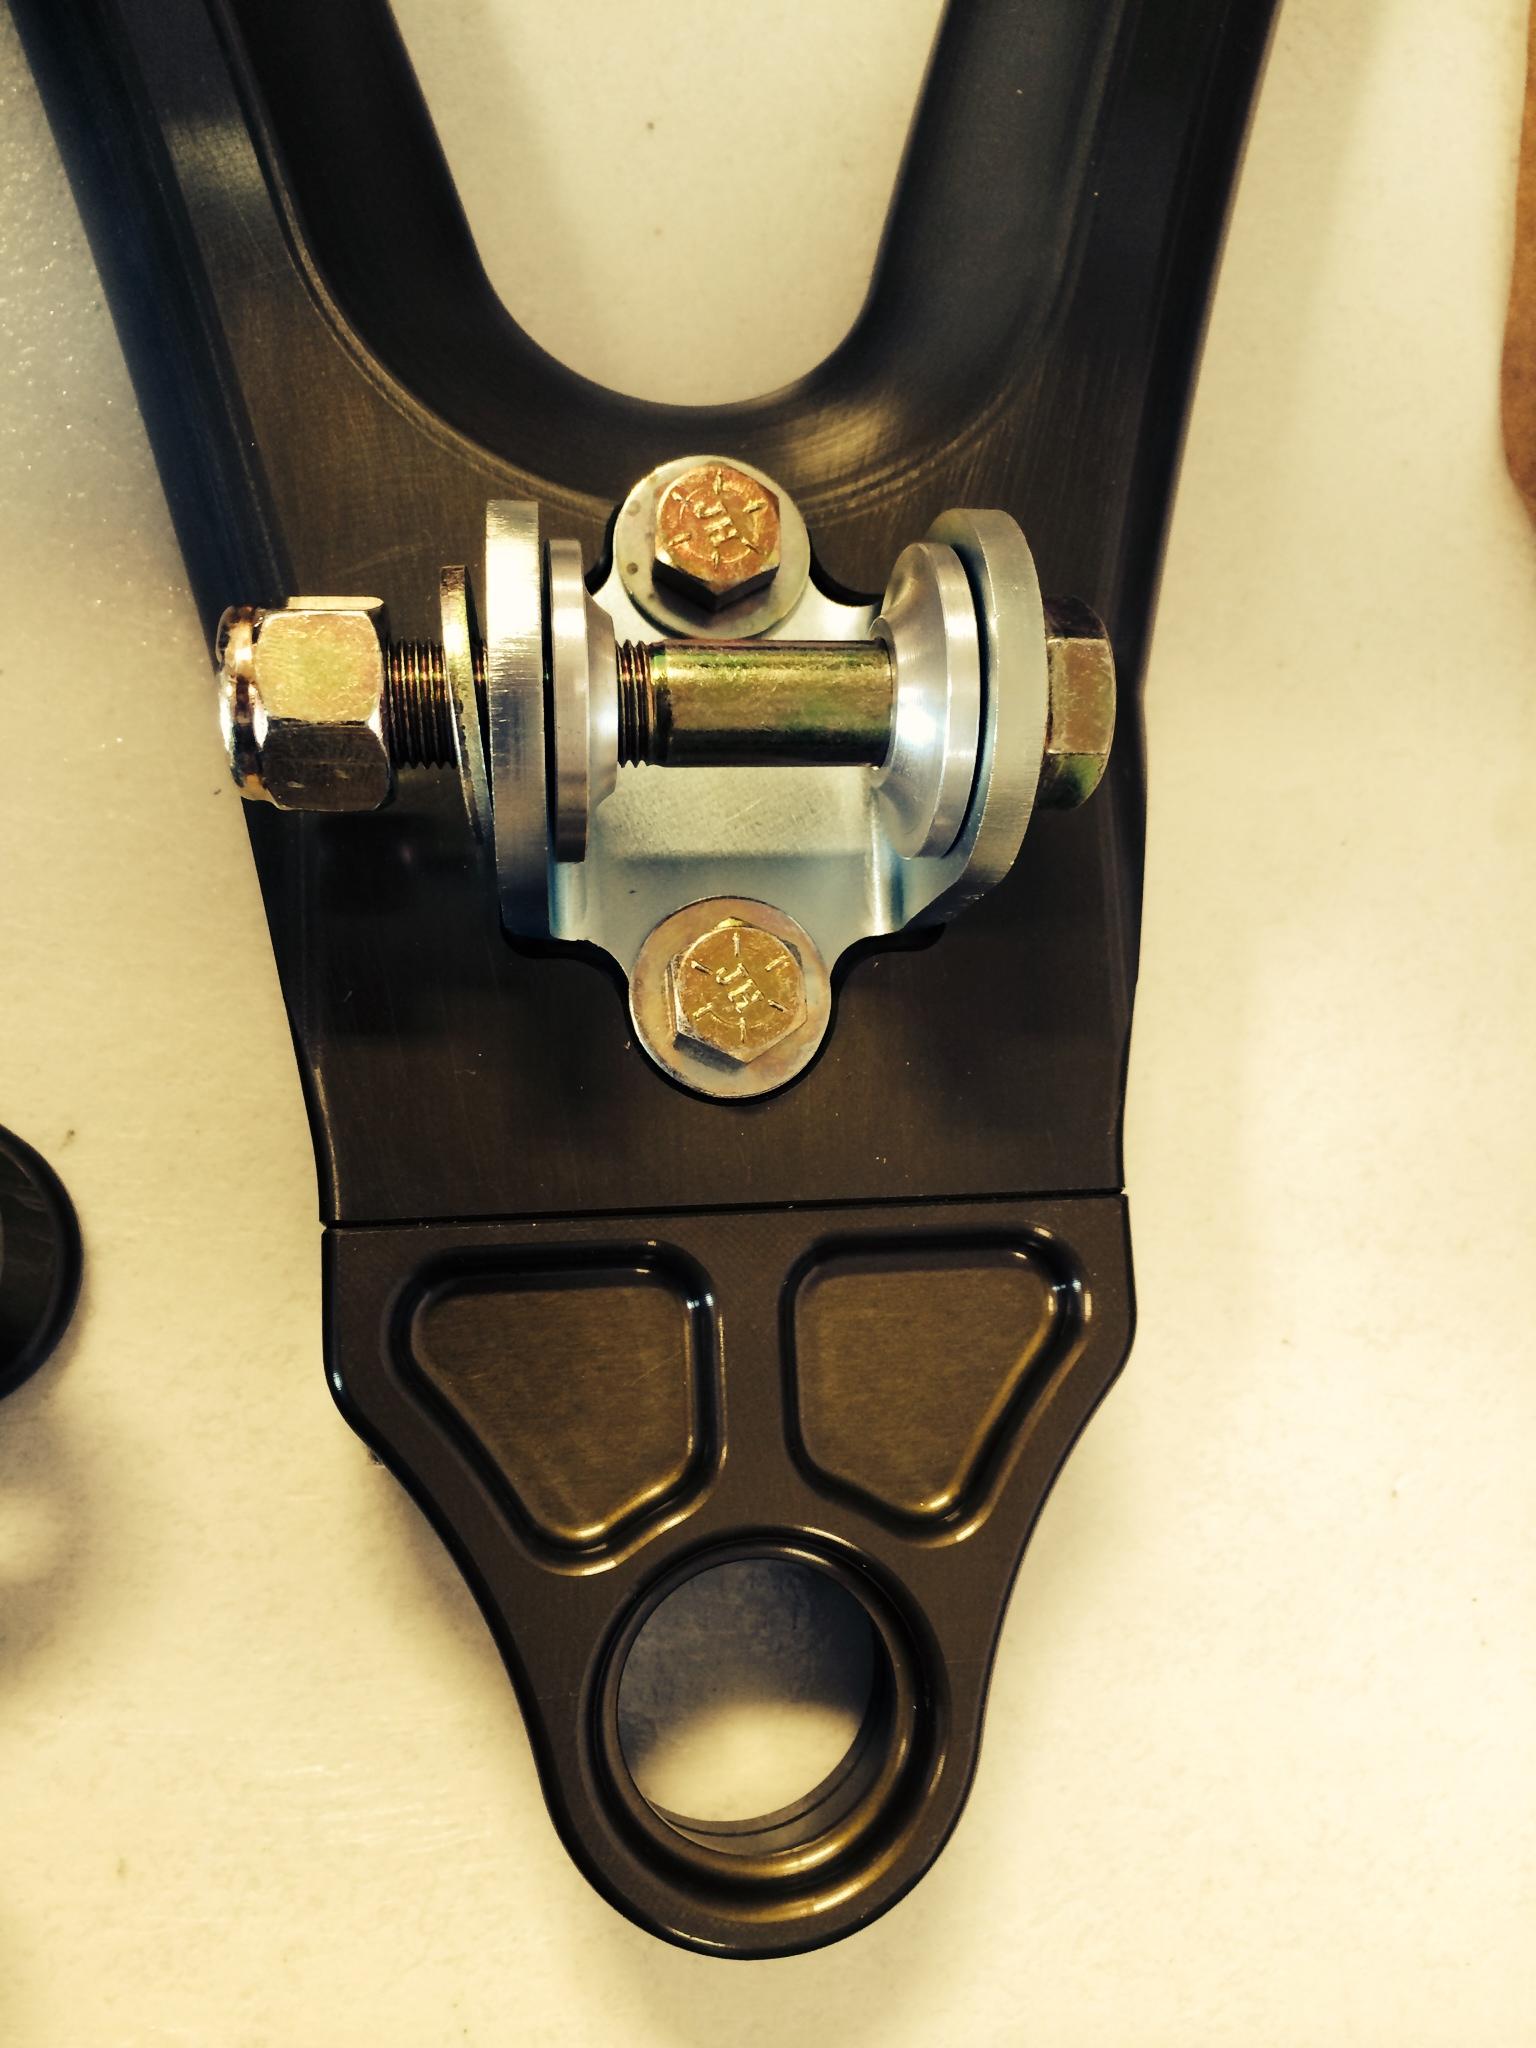 Superlite Aero suspension, using Aurora bearings